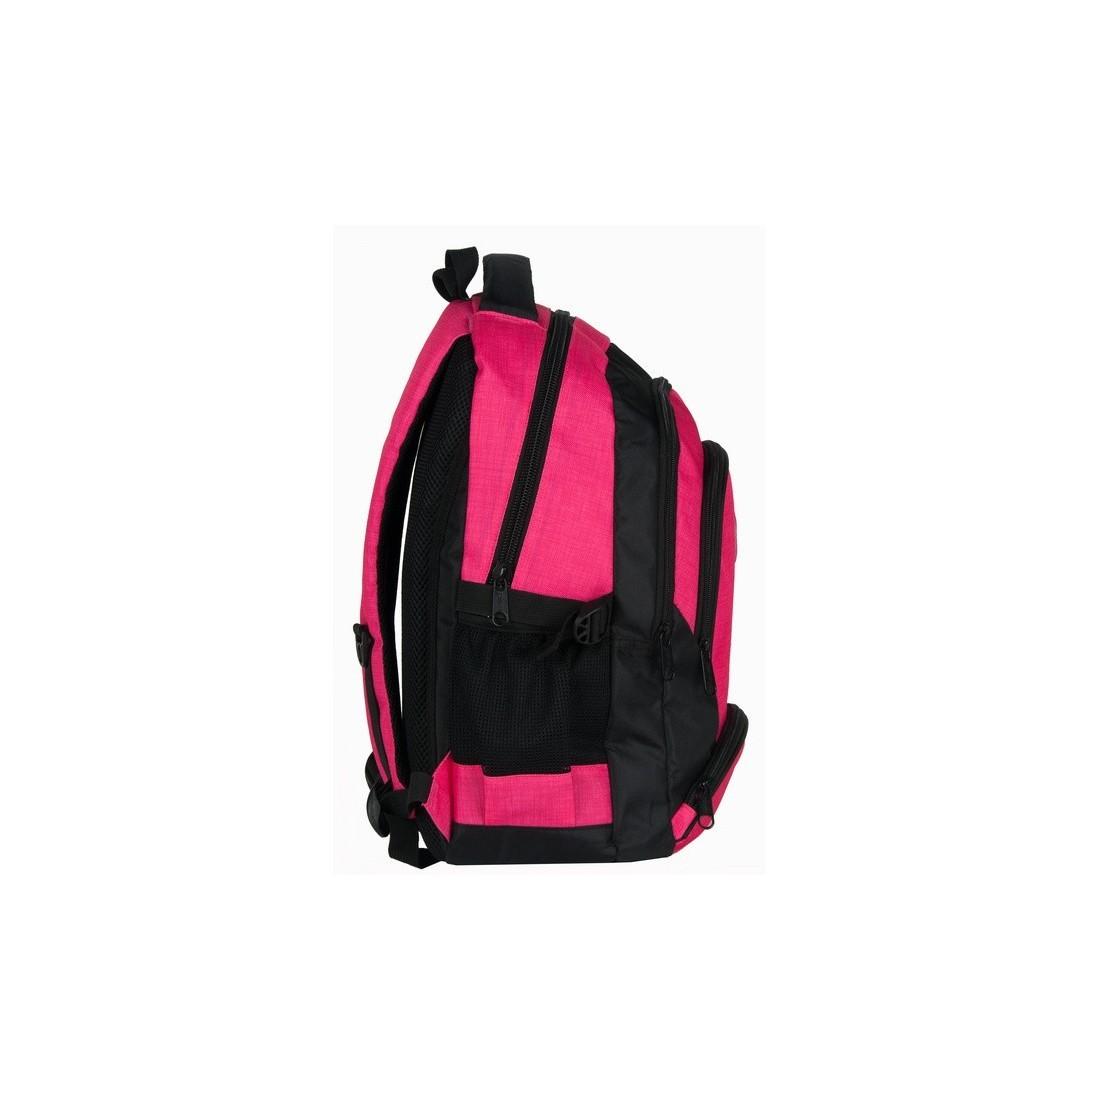 Plecak młodzieżowy różowy original collection - plecak-tornister.pl